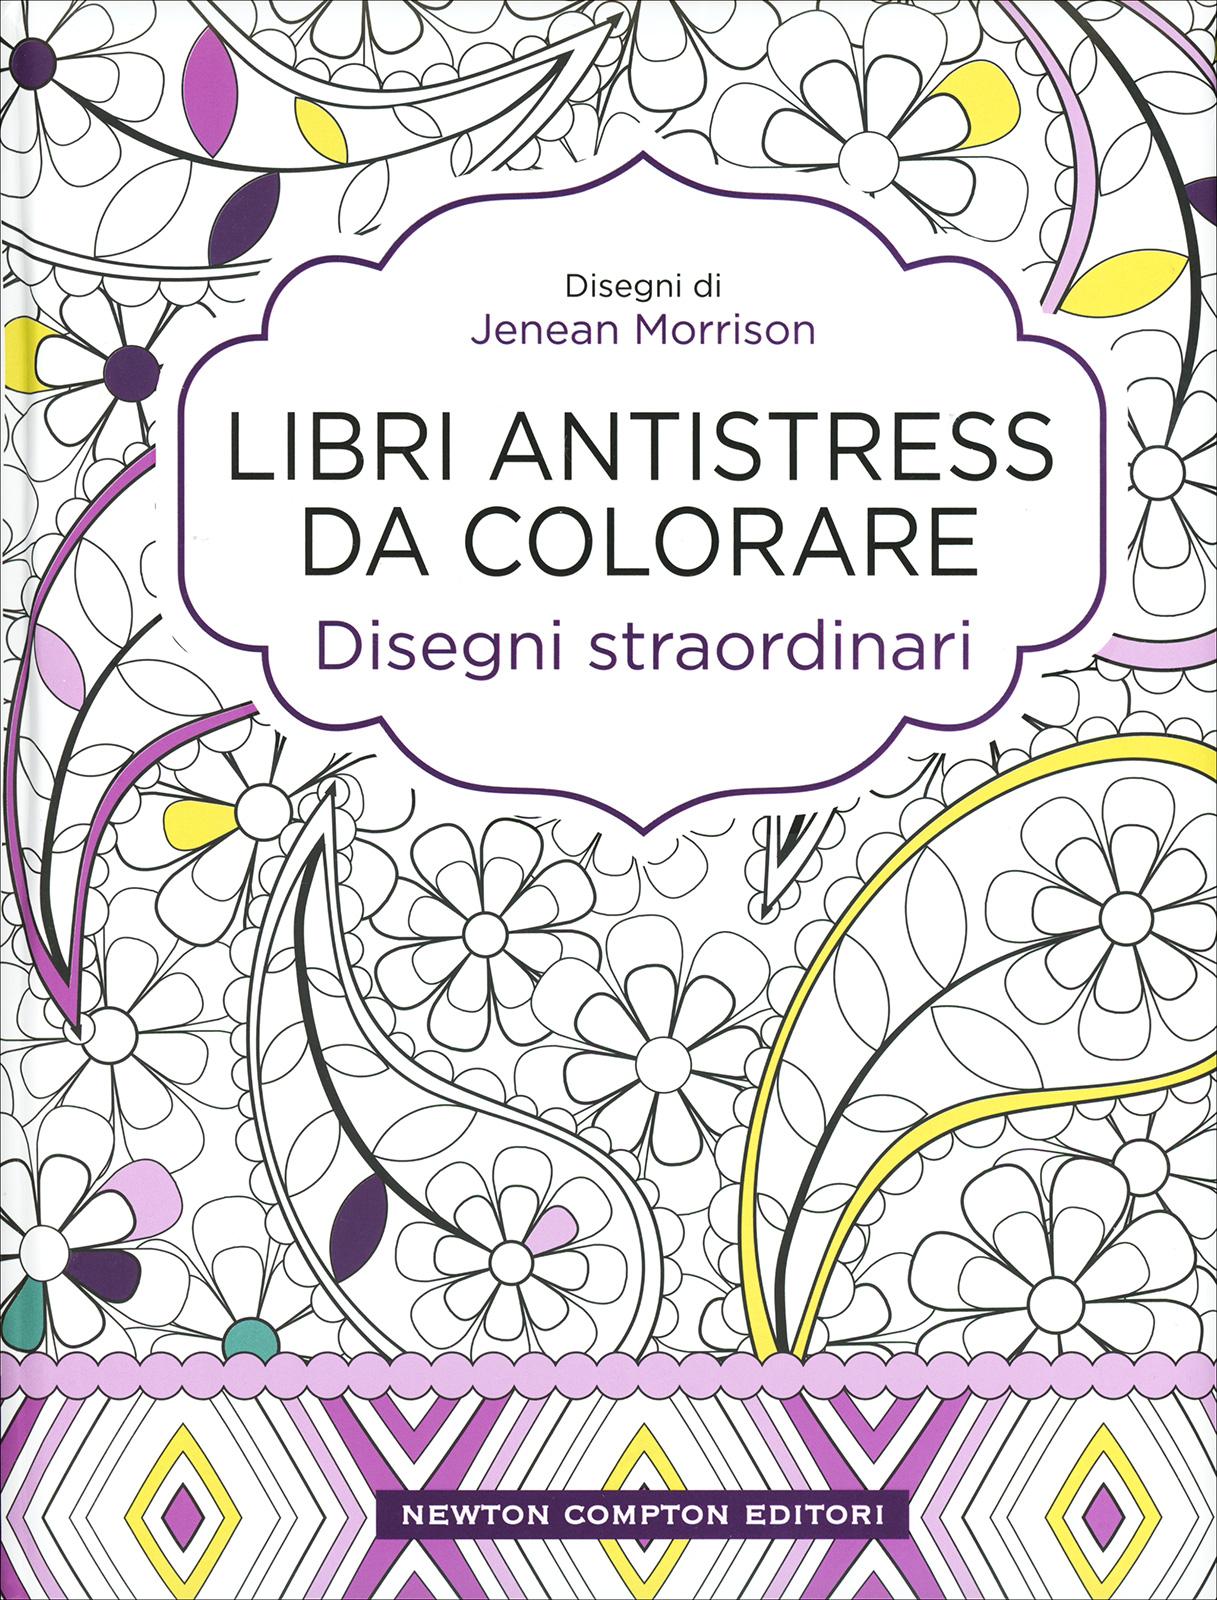 Libri Antistress Da Colorare Disegni Straordinari